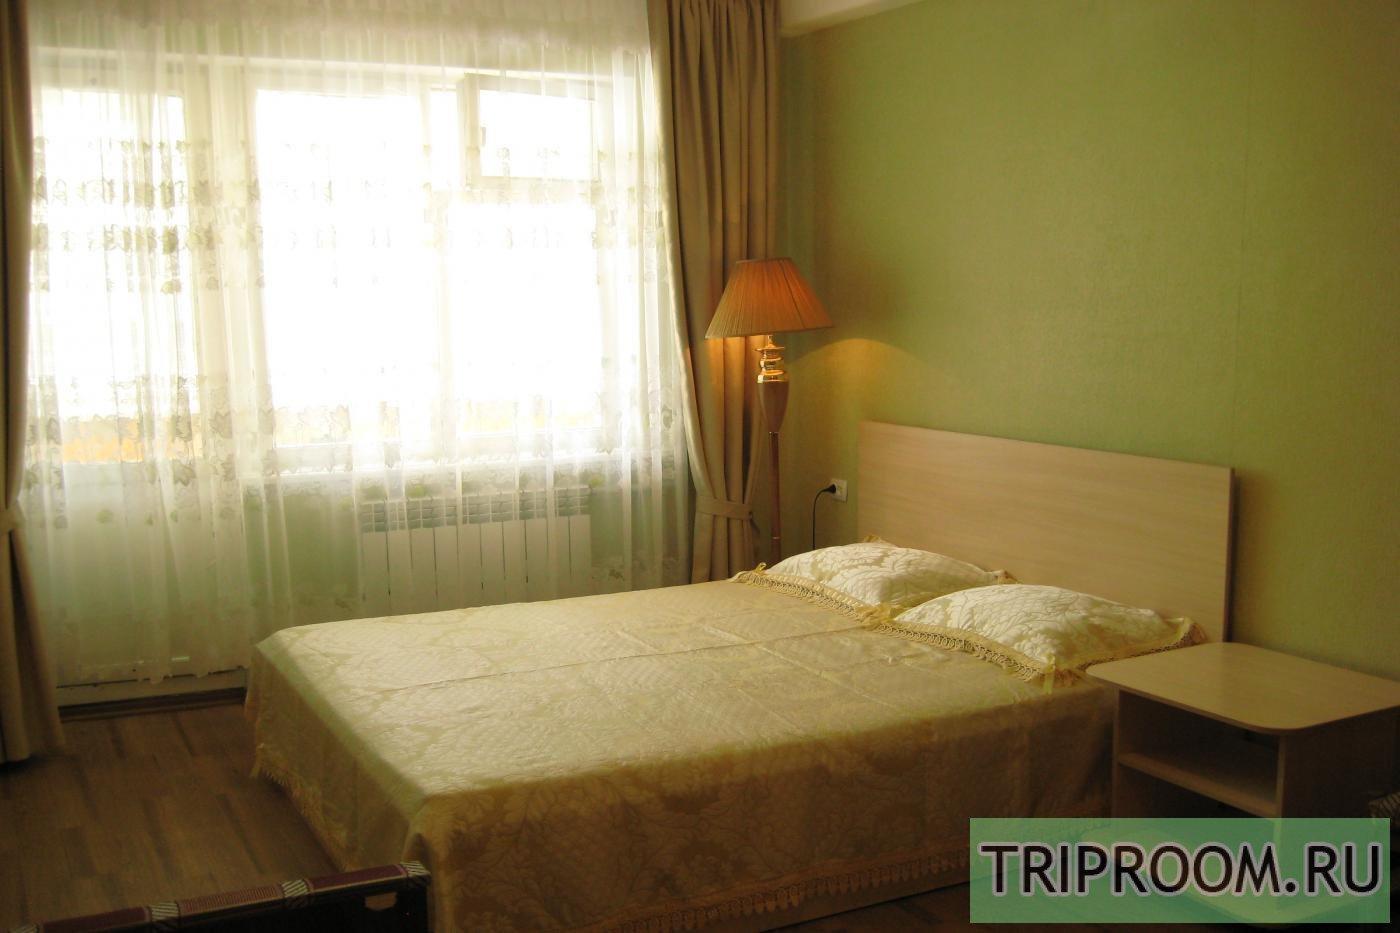 1-комнатная квартира посуточно (вариант № 852), ул. Октябрьской Революции проспект, фото № 1